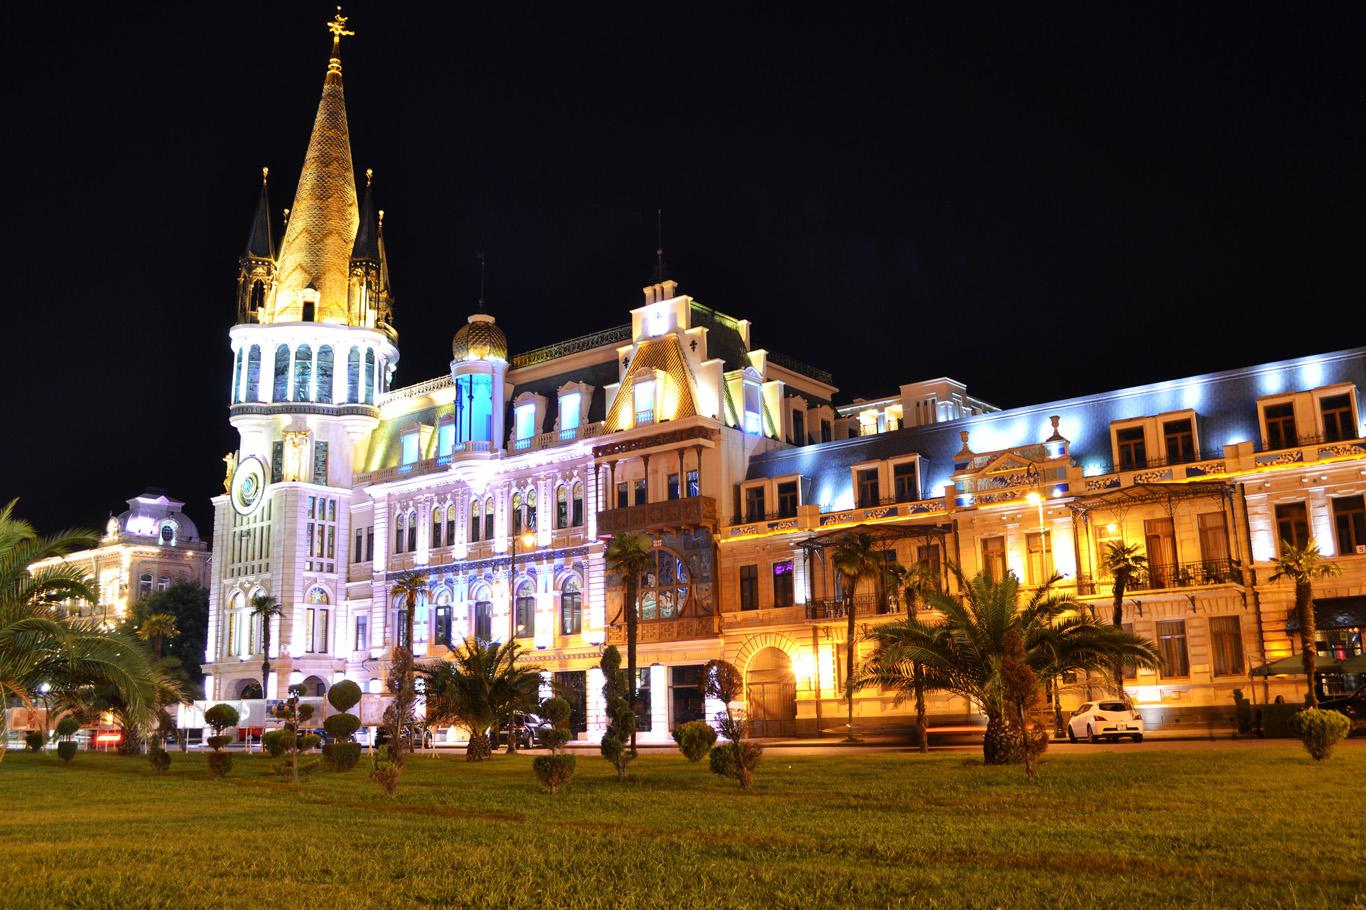 Batumi Old Town at night